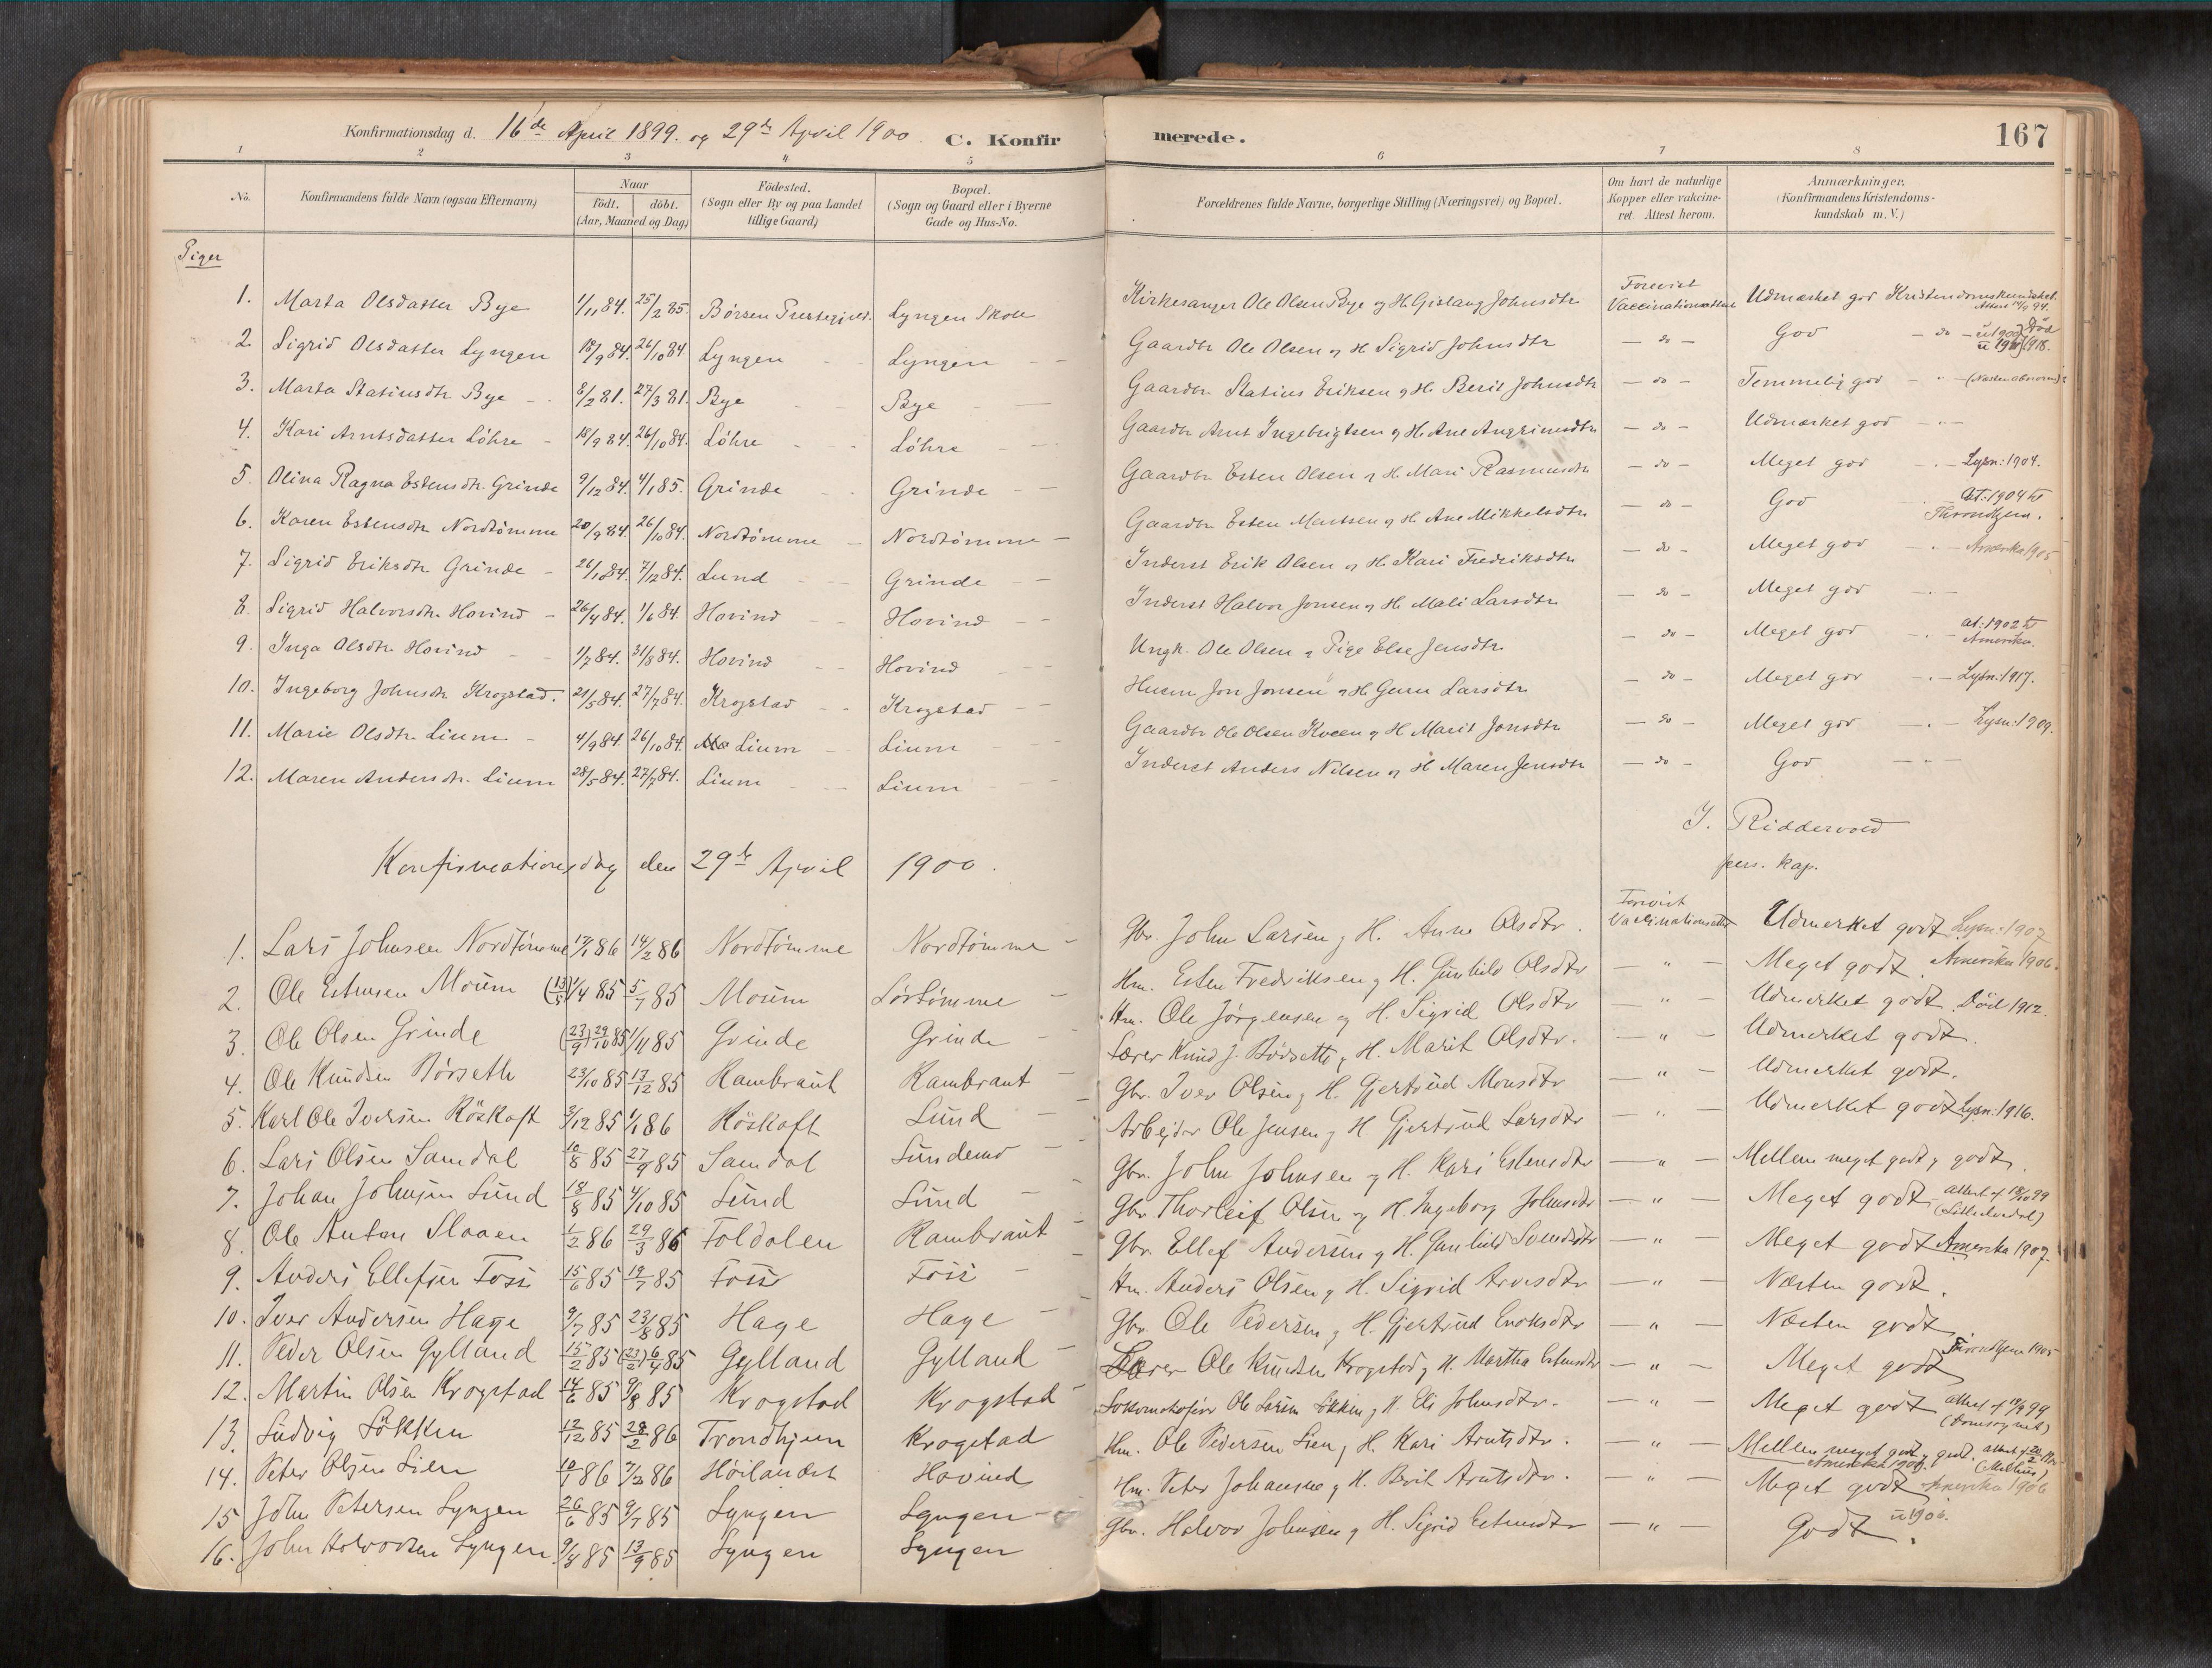 SAT, Ministerialprotokoller, klokkerbøker og fødselsregistre - Sør-Trøndelag, 692/L1105b: Ministerialbok nr. 692A06, 1891-1934, s. 167